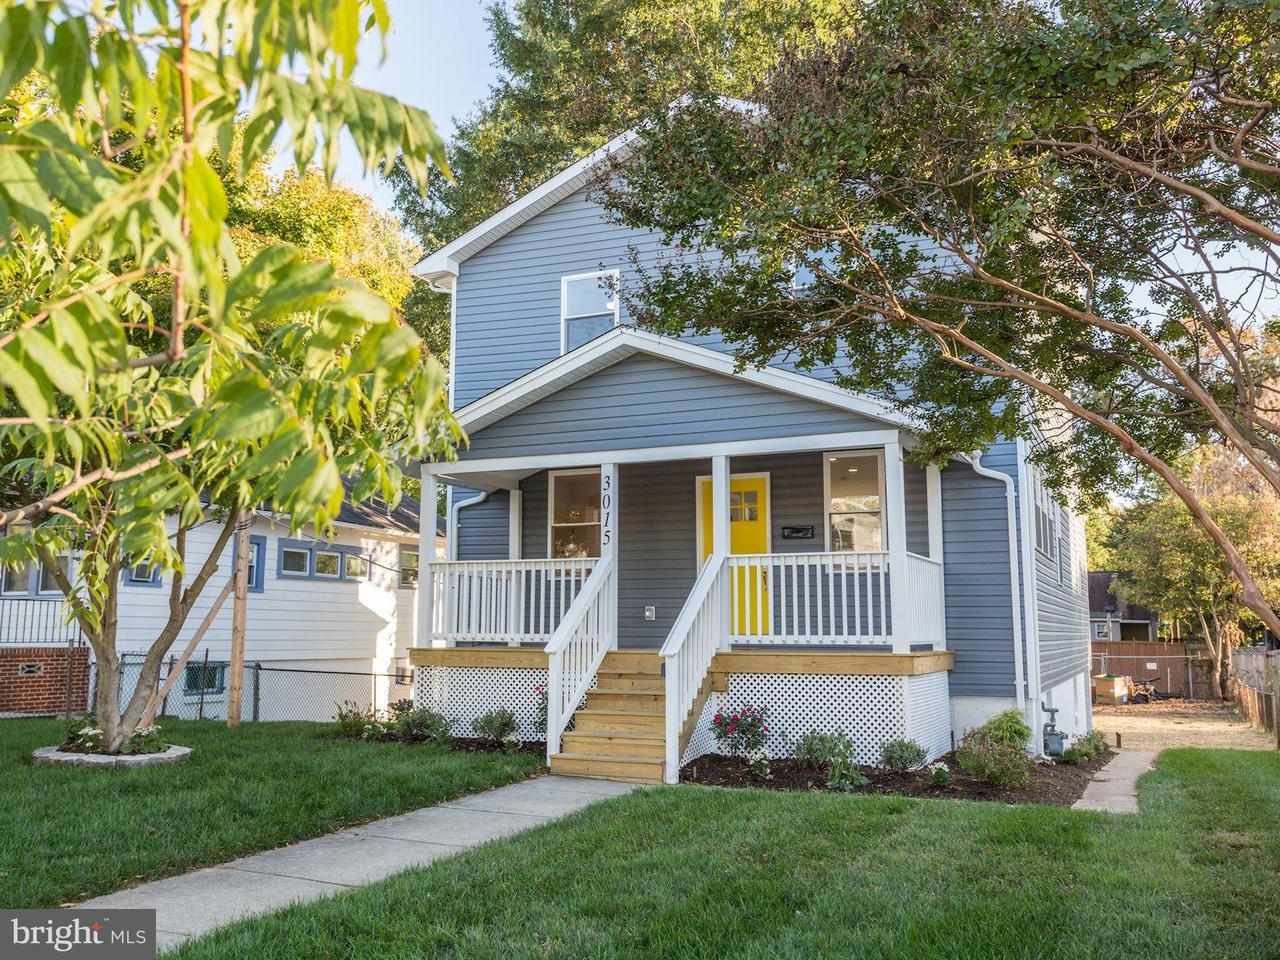 Maison unifamiliale pour l Vente à 3015 DOUGLAS ST NE 3015 DOUGLAS ST NE Washington, District De Columbia 20018 États-Unis